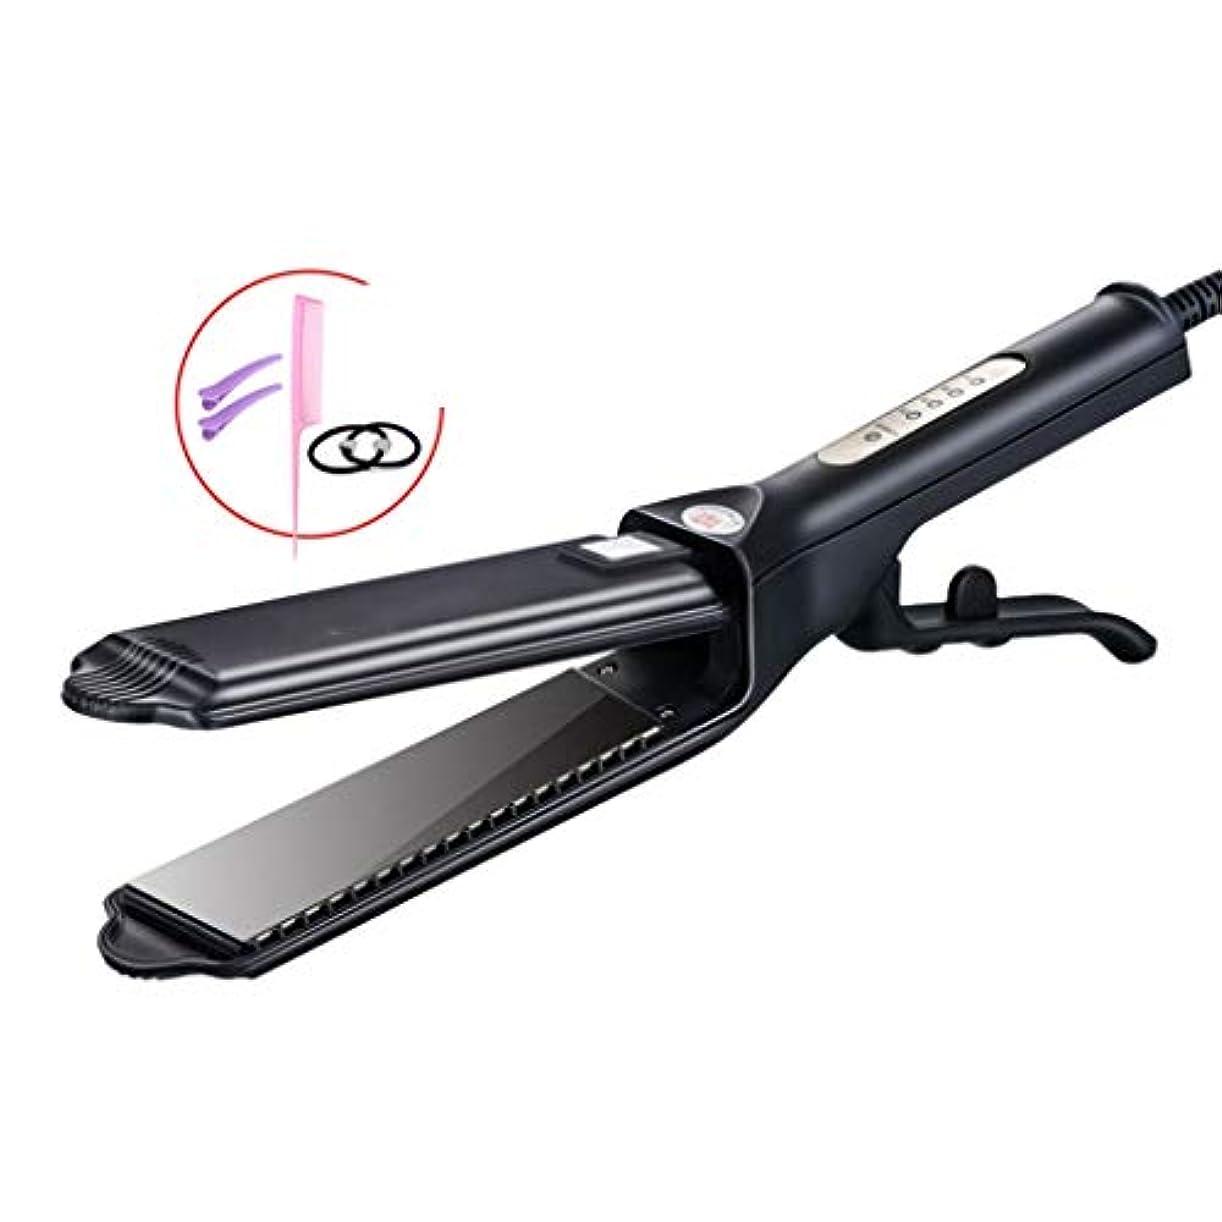 ラベ補う圧縮するJWWOZ セラミックストレートヘアストレートヘアカール2で1ポータブルパーマポータブルパーマ前髪クリップ ストレートヘアアイロン (Color : A)